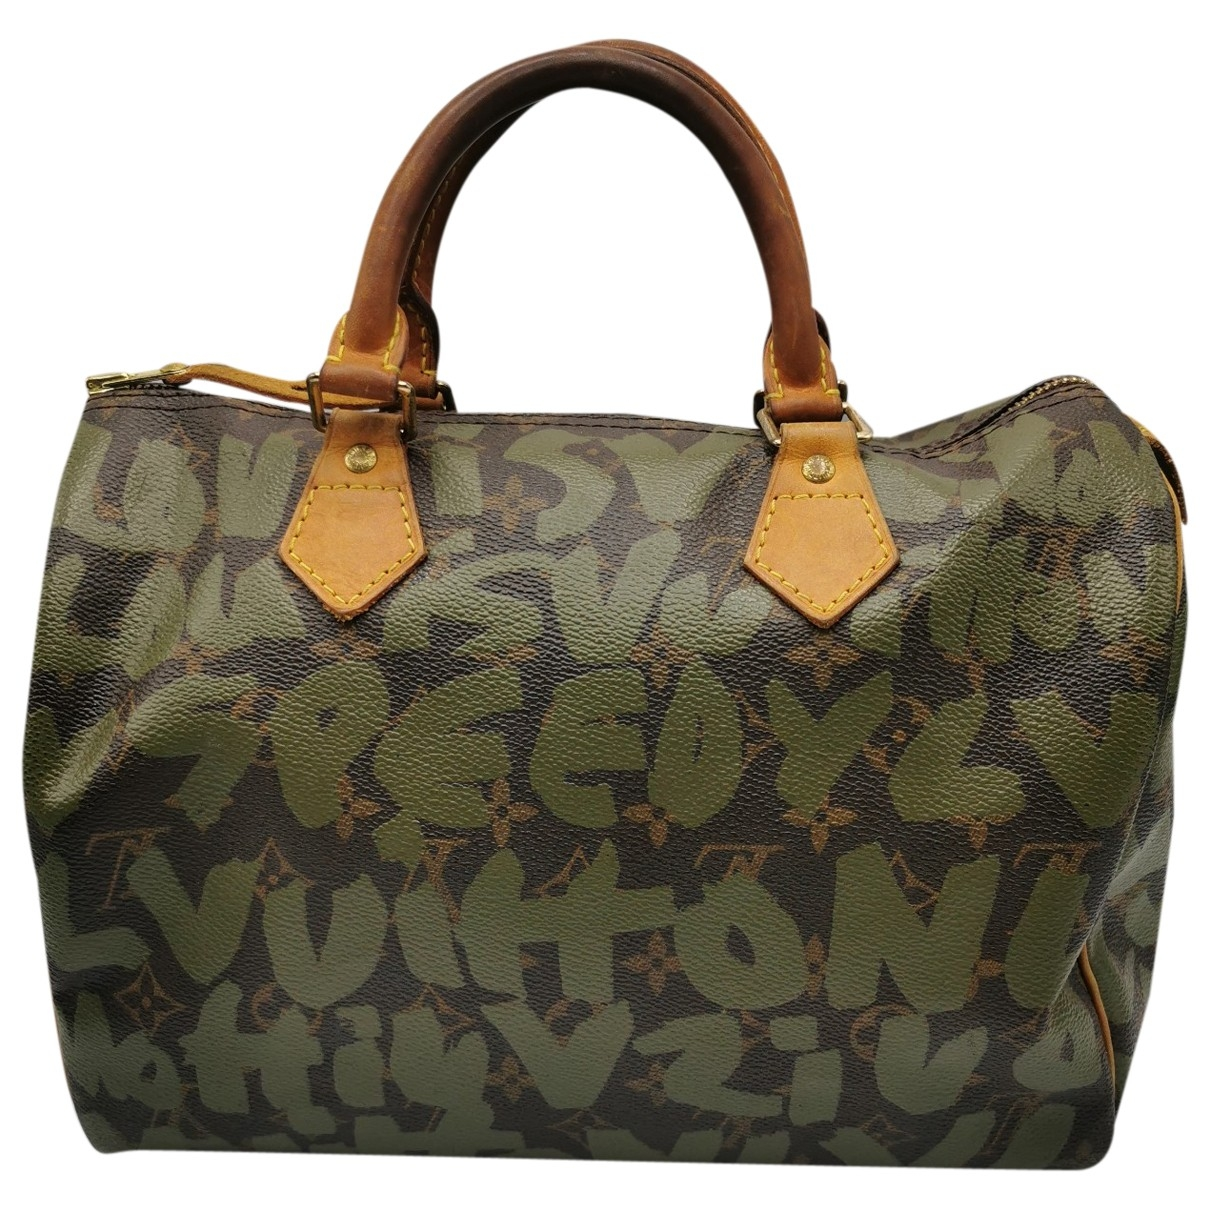 Louis Vuitton Speedy Handtasche in  Gruen Leinen